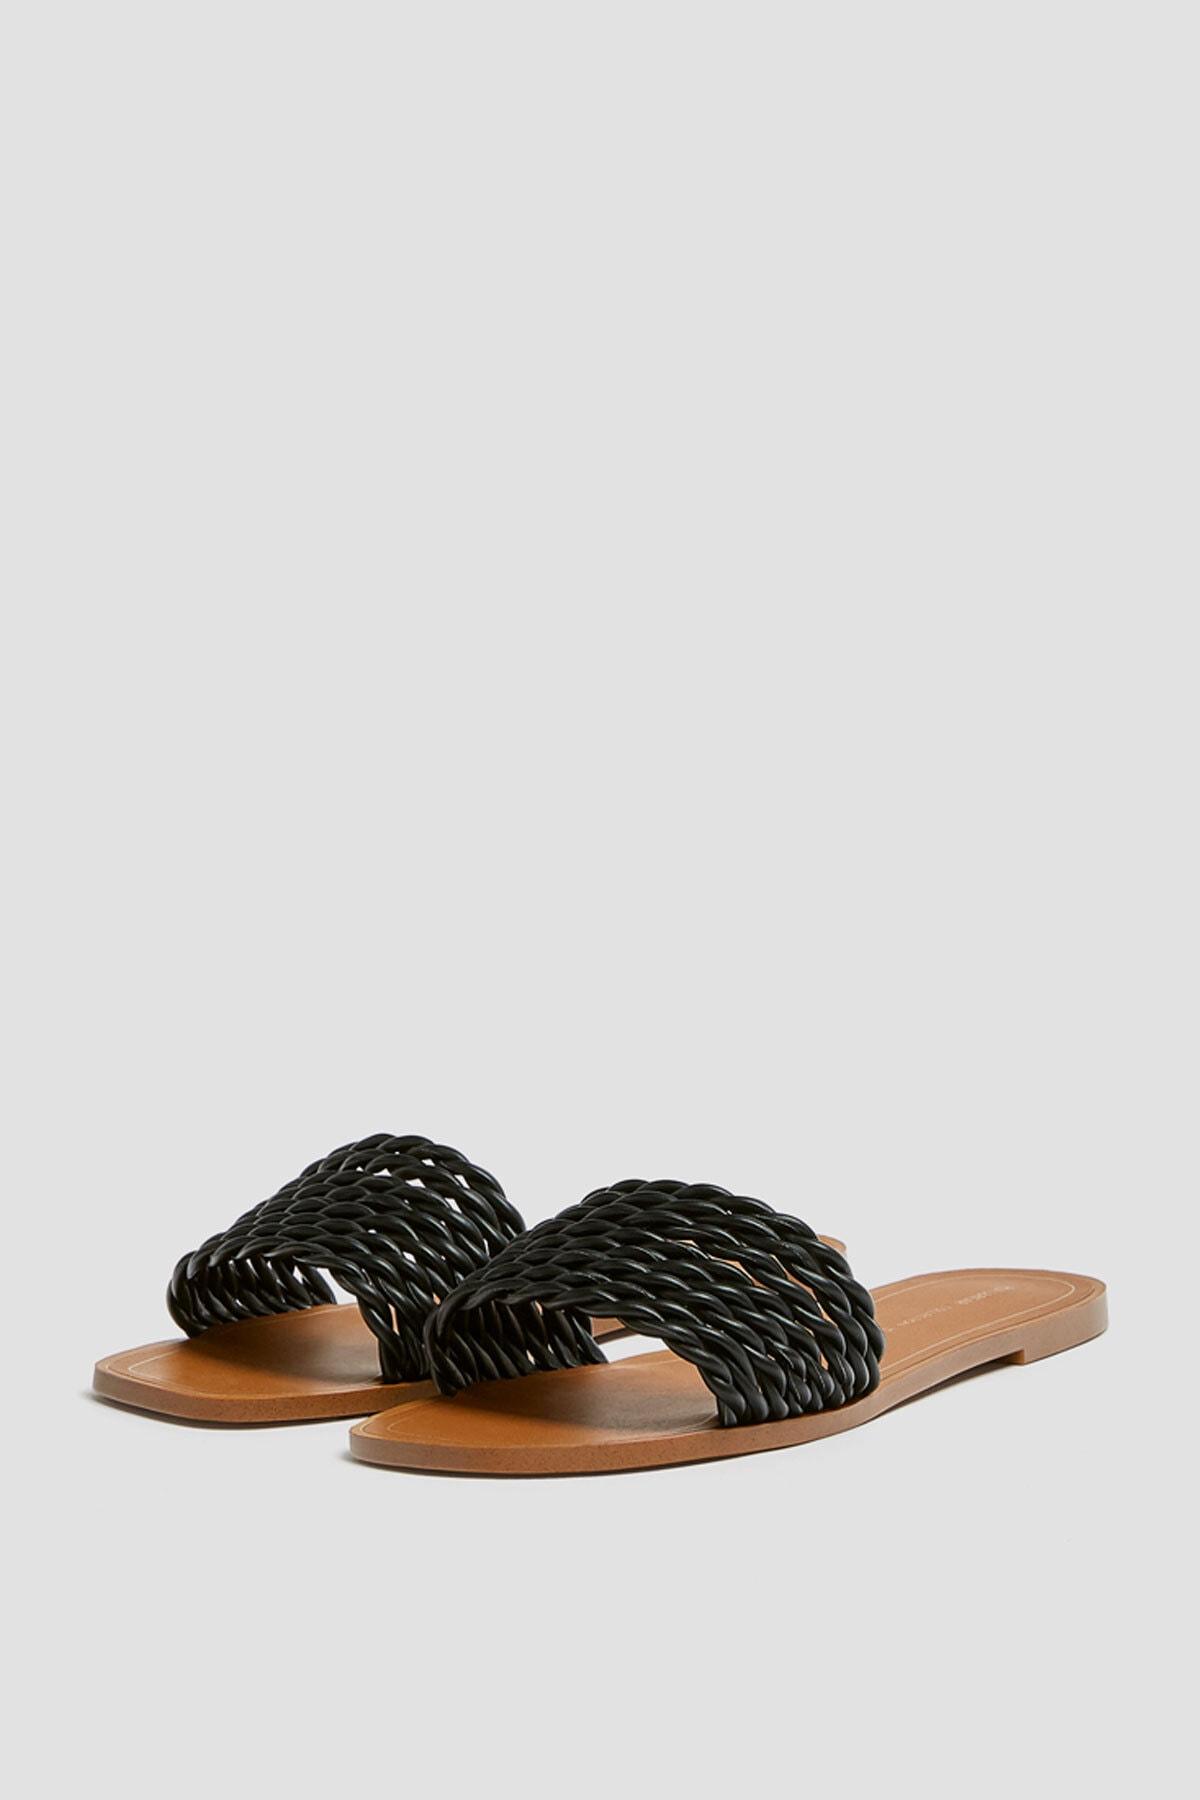 Pull & Bear Kadın Siyah Örgü Bantlı Siyah Sandalet 11557540 3